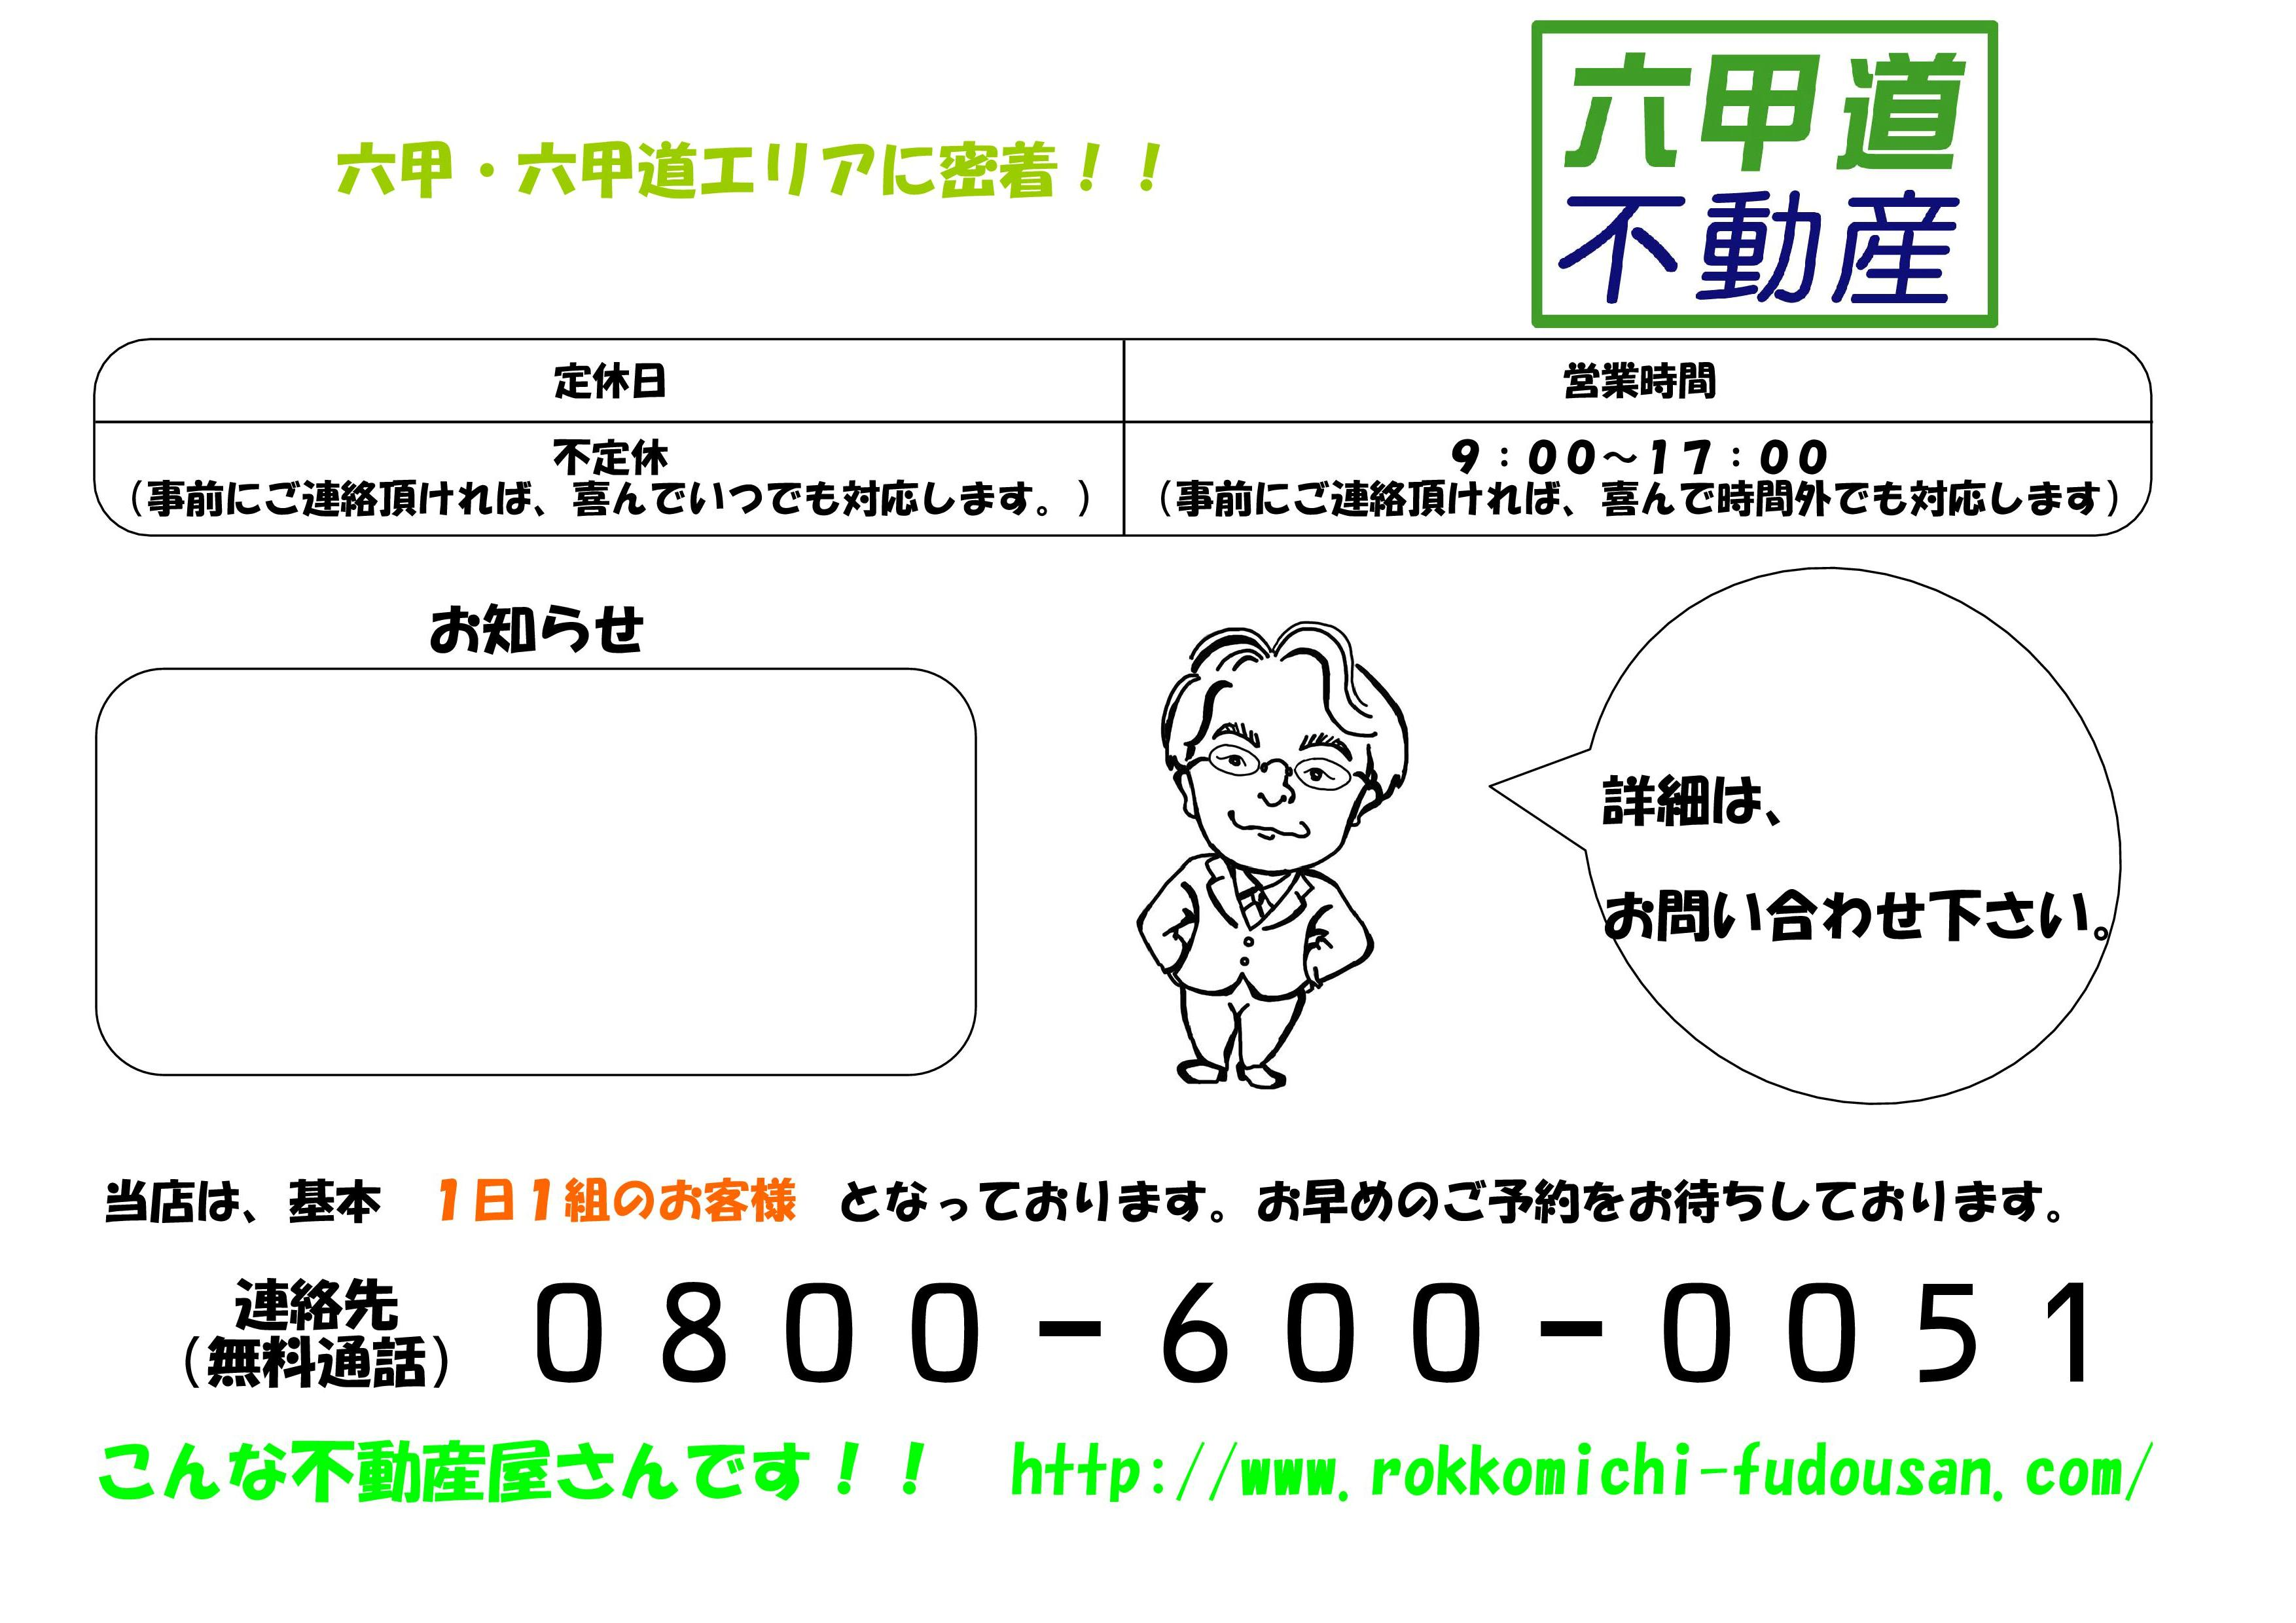 おすすめ賃貸物件9万円以上10万円未満